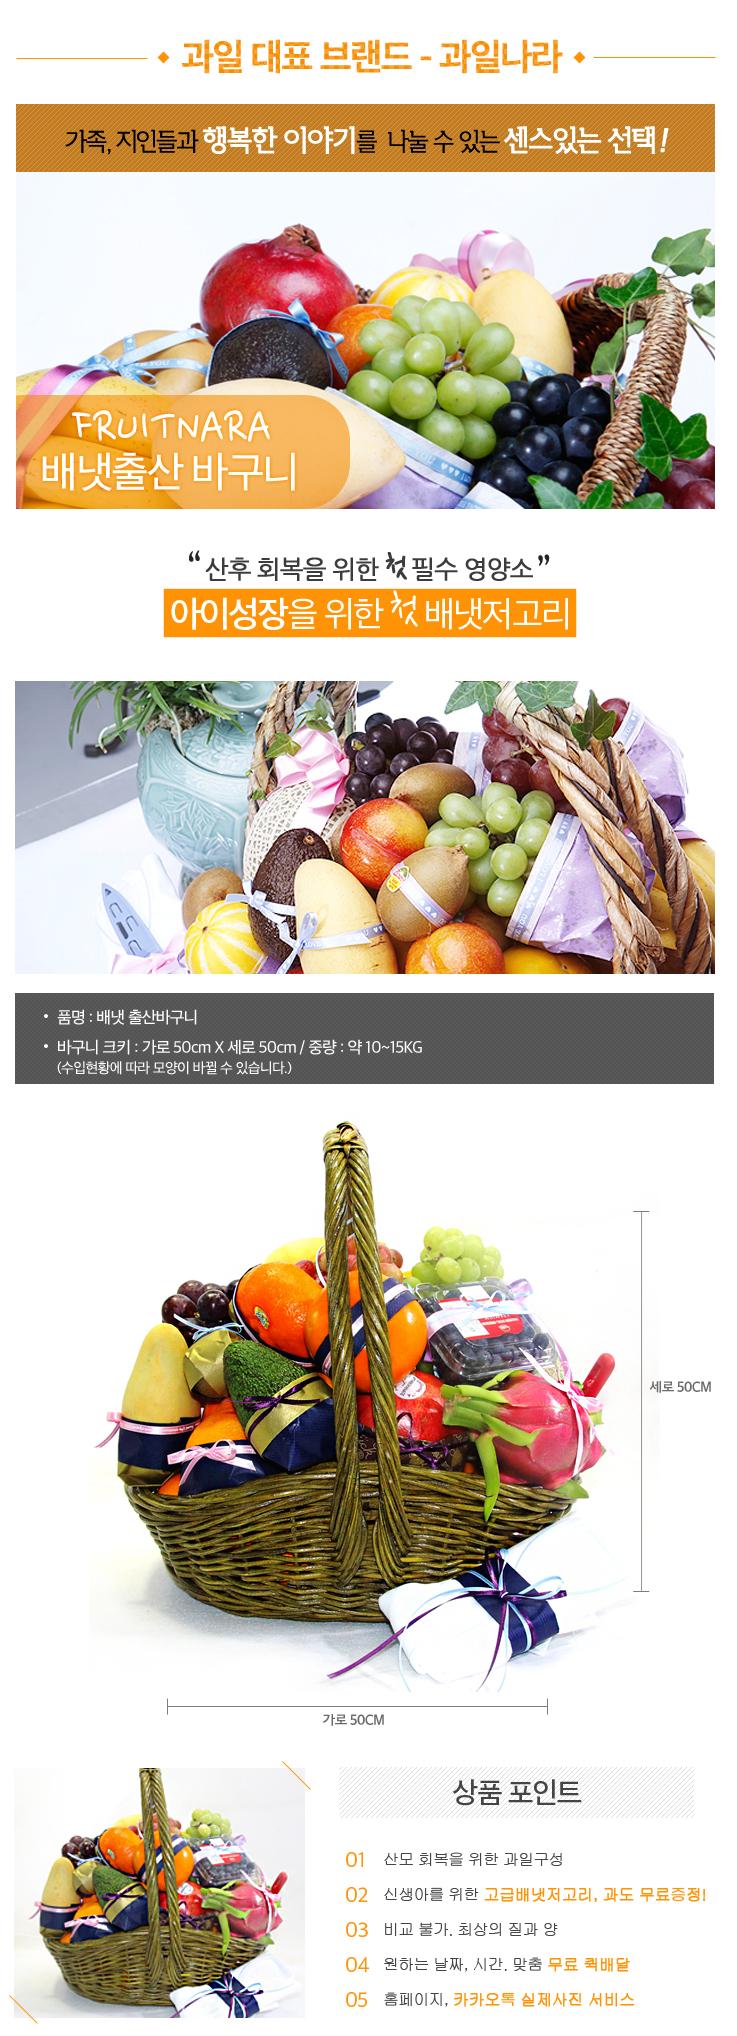 과일나라출산과일바구니배달1